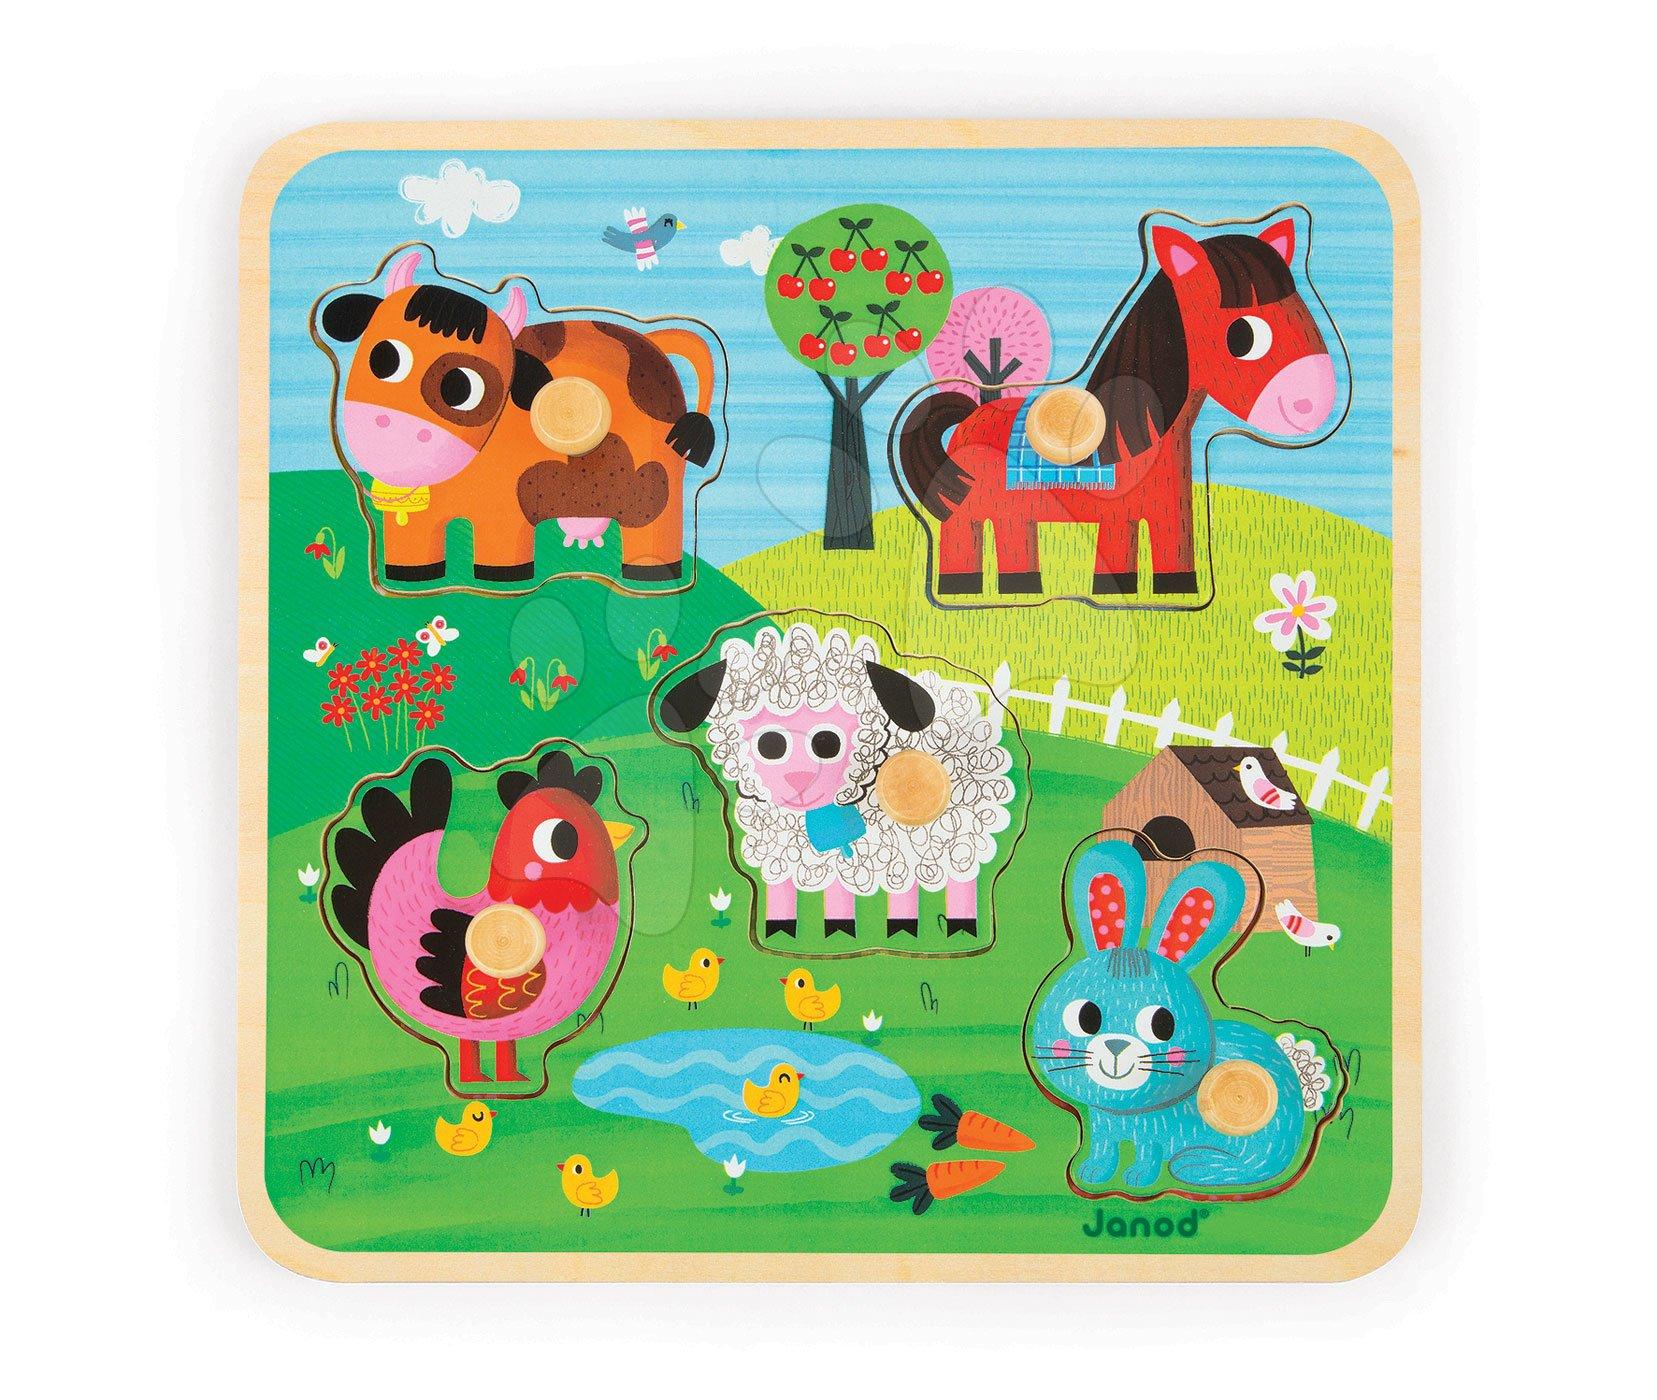 Puzzle pre najmenších - Drevené puzzle pre najmenších Happines Farm Janod 5 dielov od 18 mes